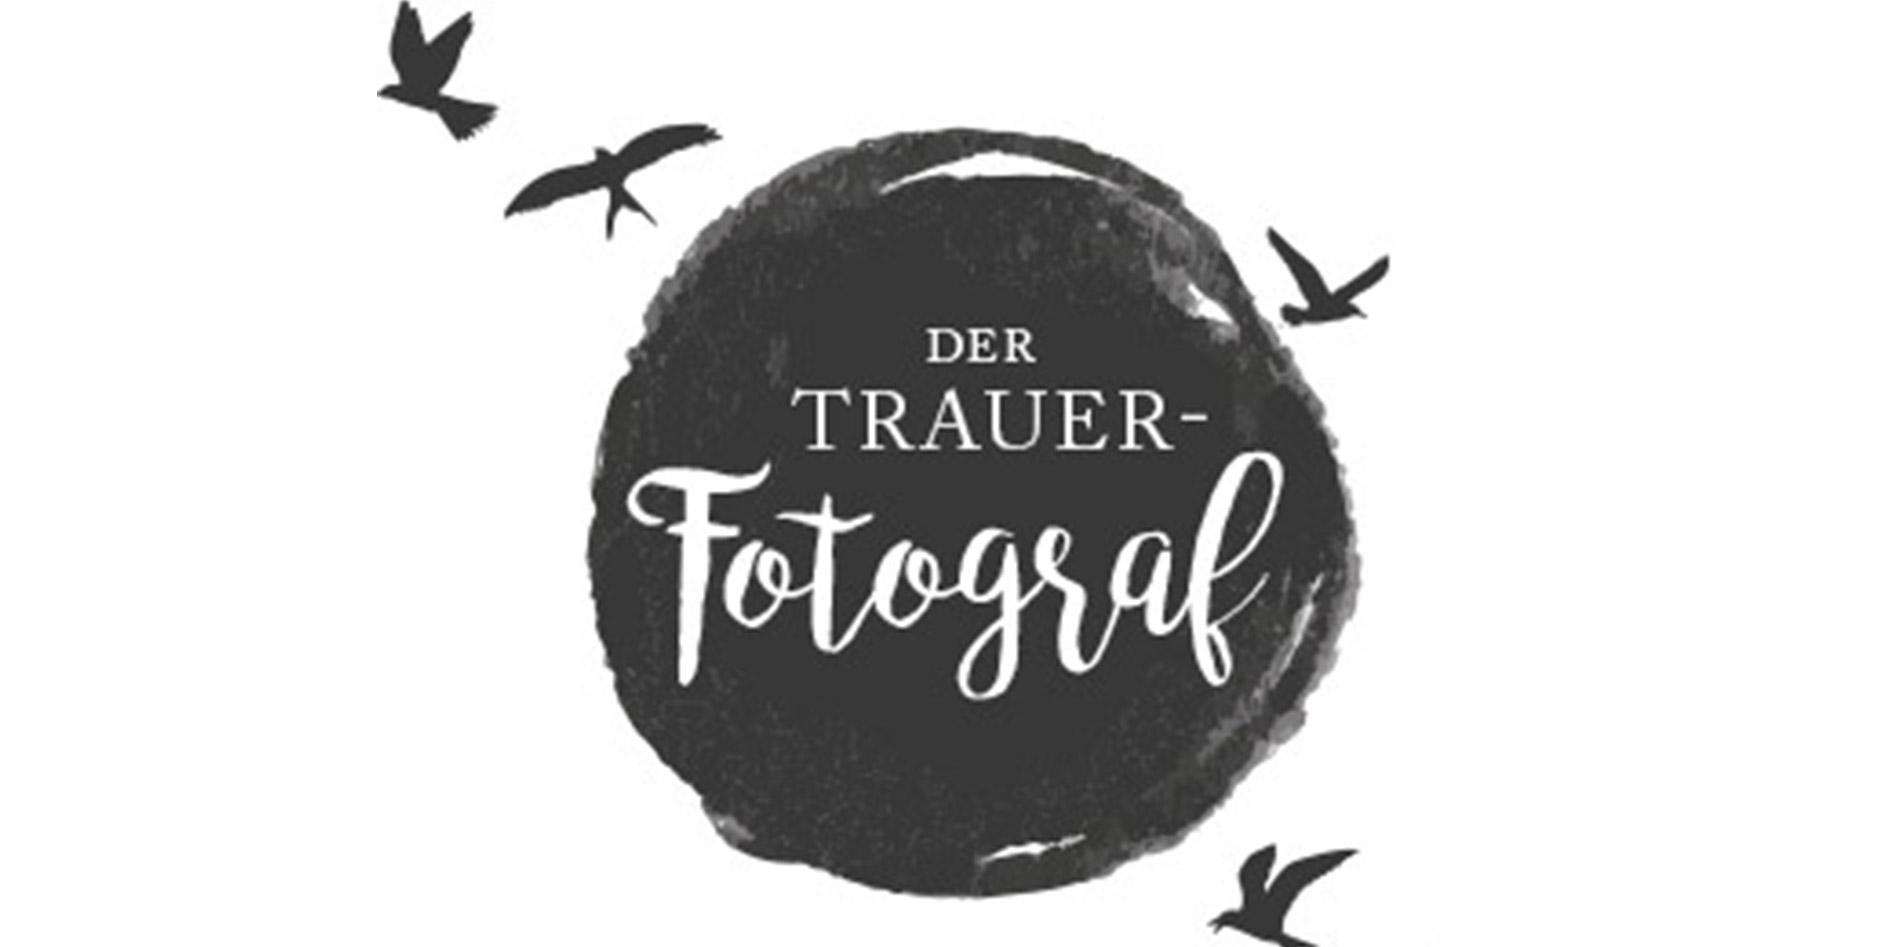 Der Trauerfotograf